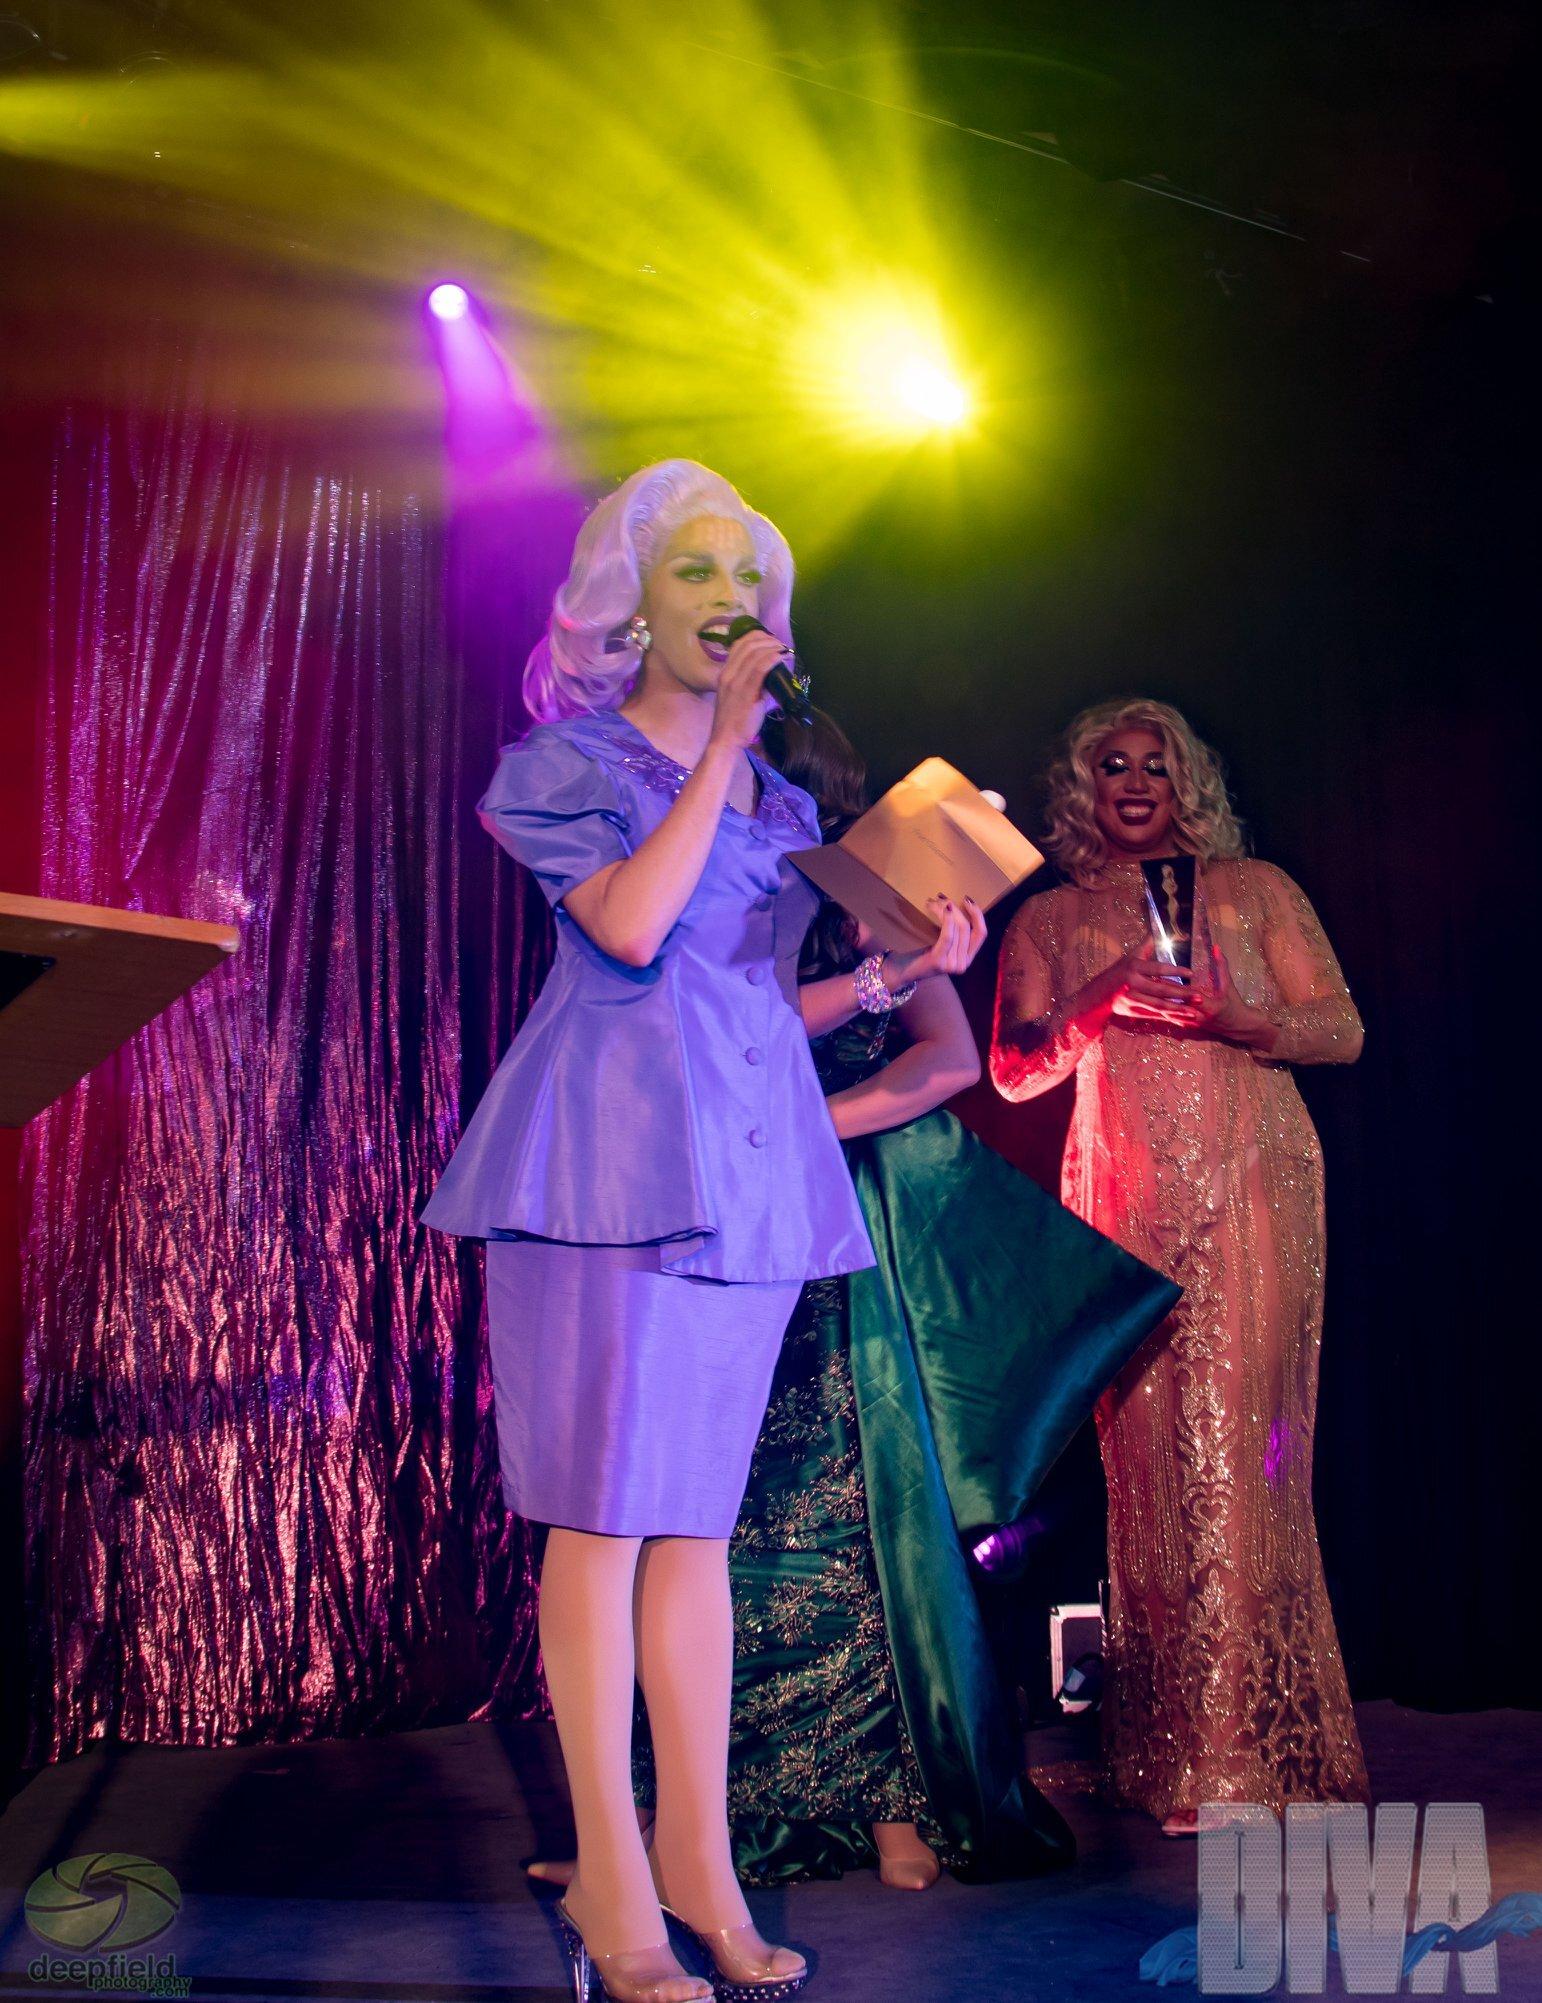 fran-giapanni - rising-star-winner-win-diva-awards-sydney-drag-queen-royalty-best-hire-drag-race-australia.jpg